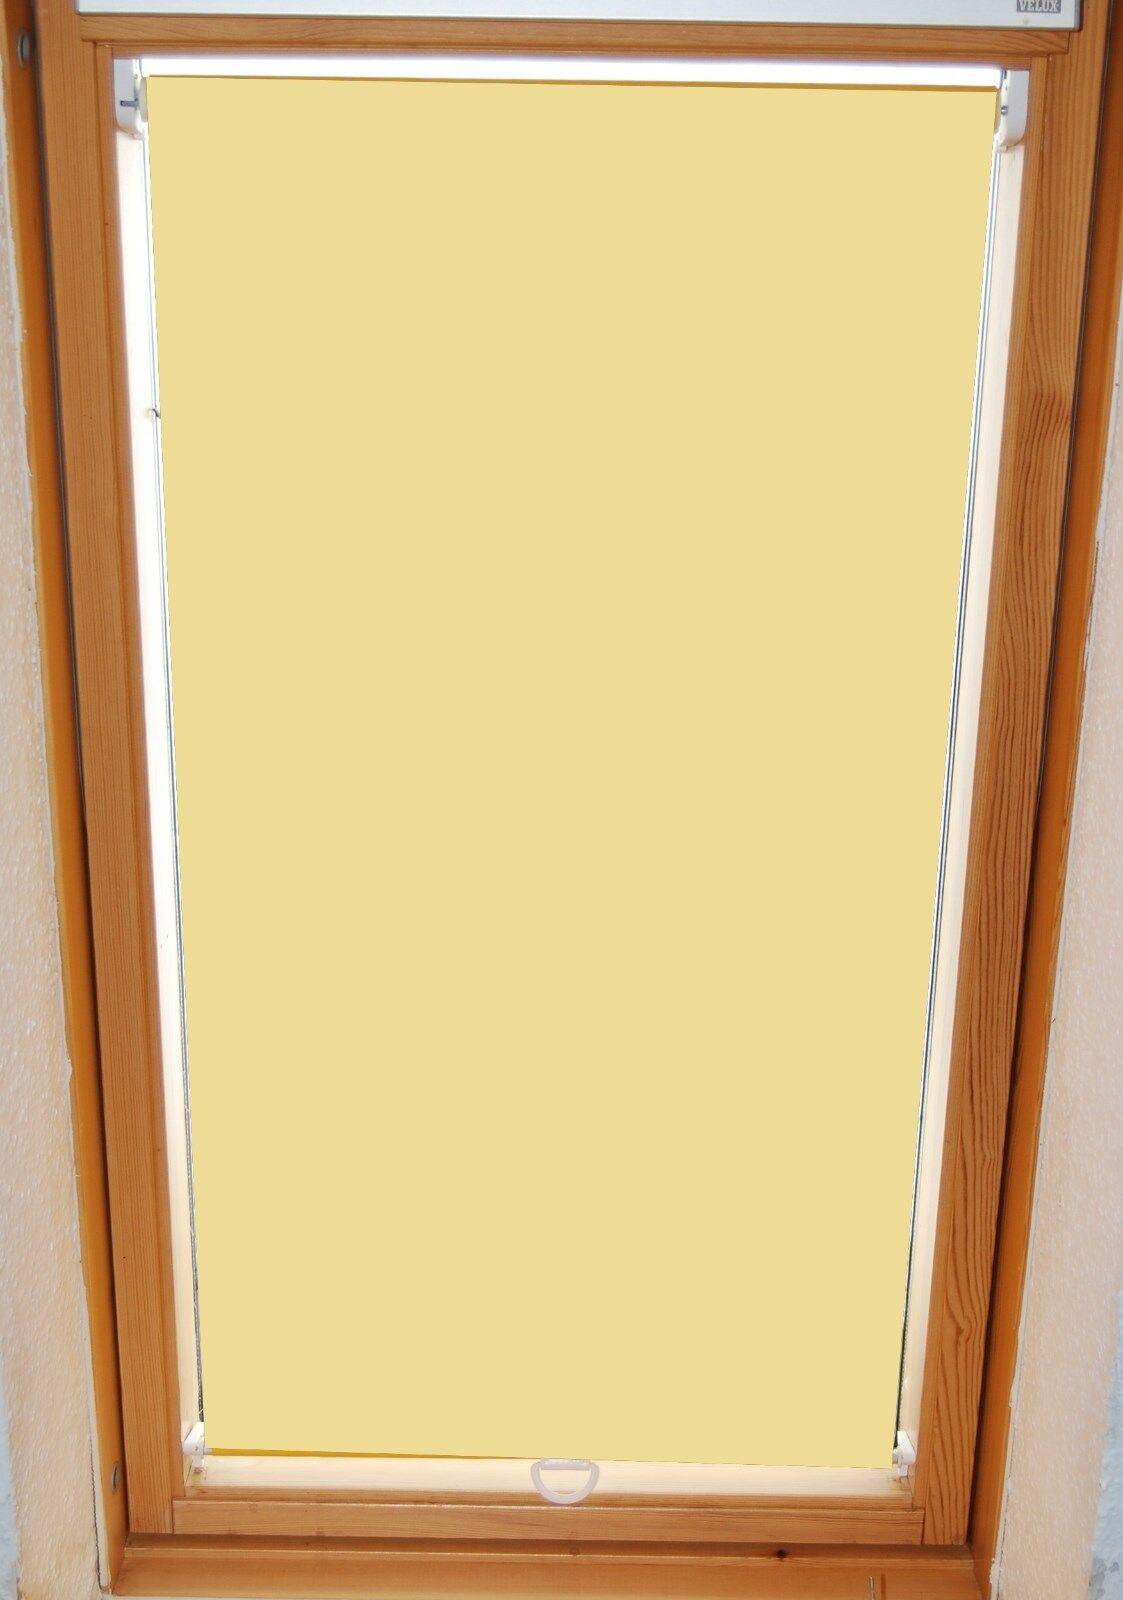 dachfenster von velux mehr als 1000 angebote fotos preise seite 2. Black Bedroom Furniture Sets. Home Design Ideas